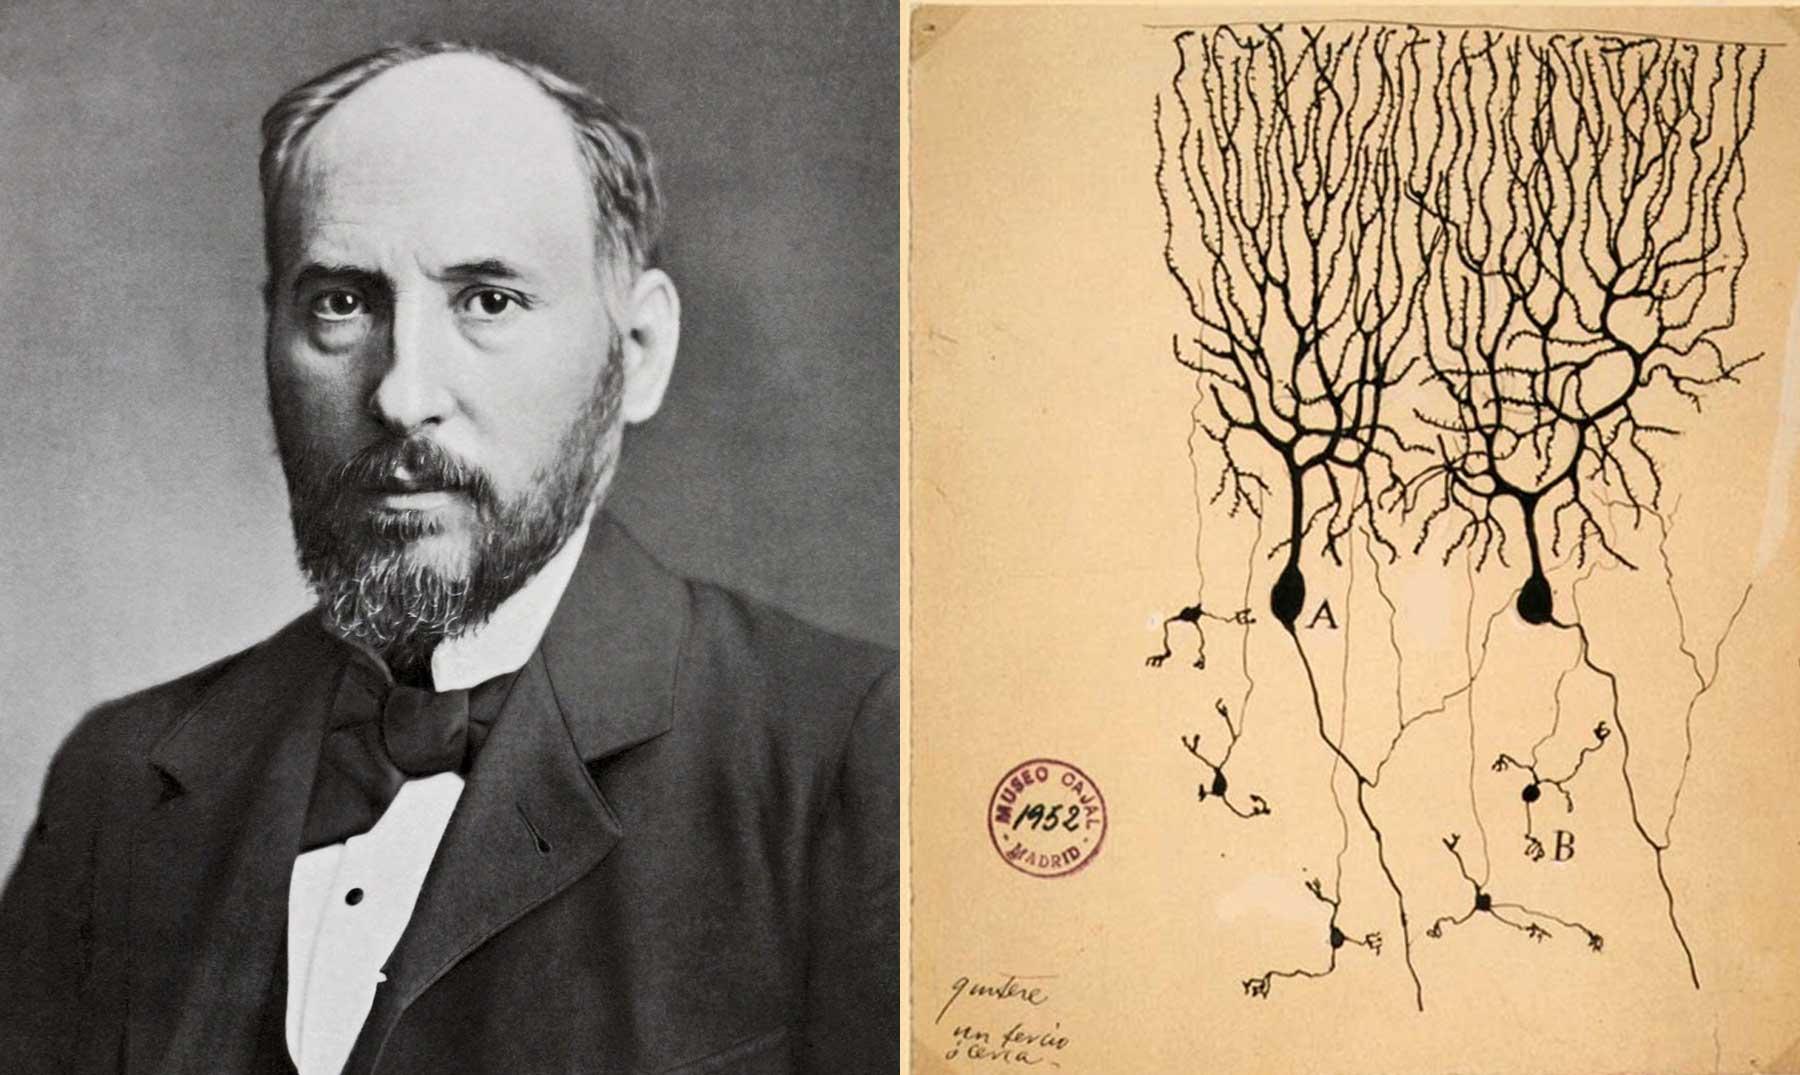 El artista de la neurona: Ramón y Cajal